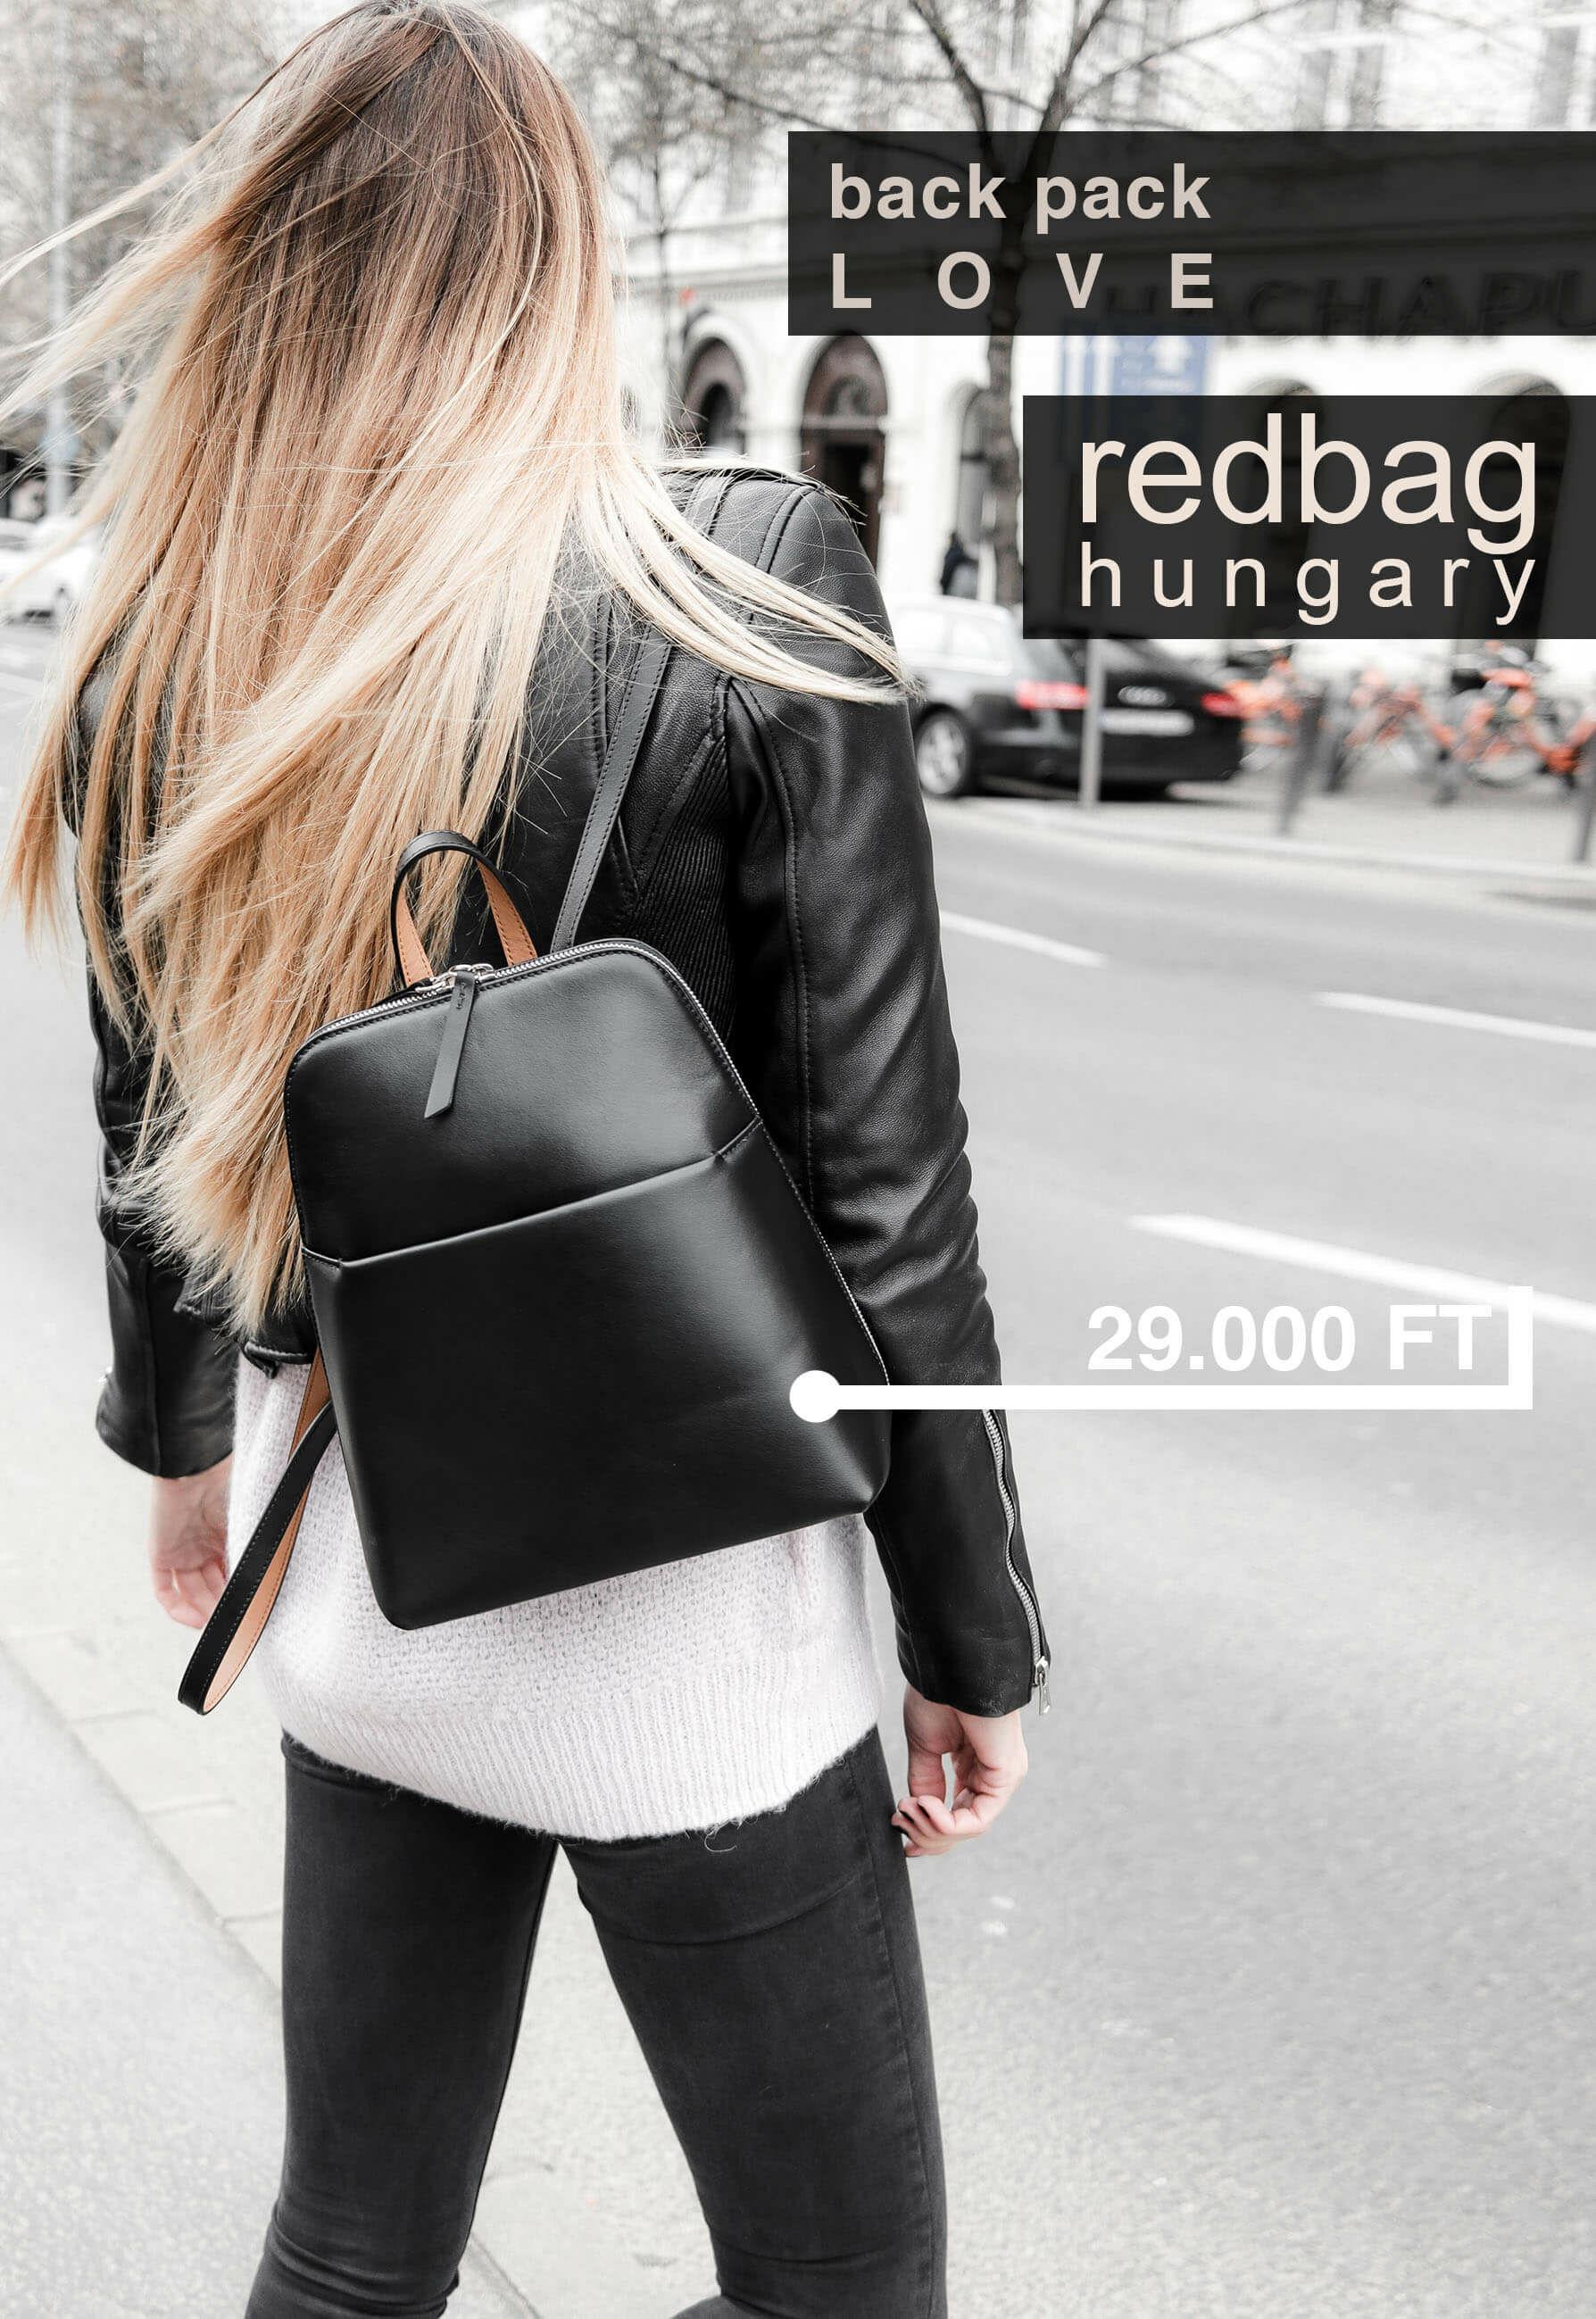 RedBag Hungary